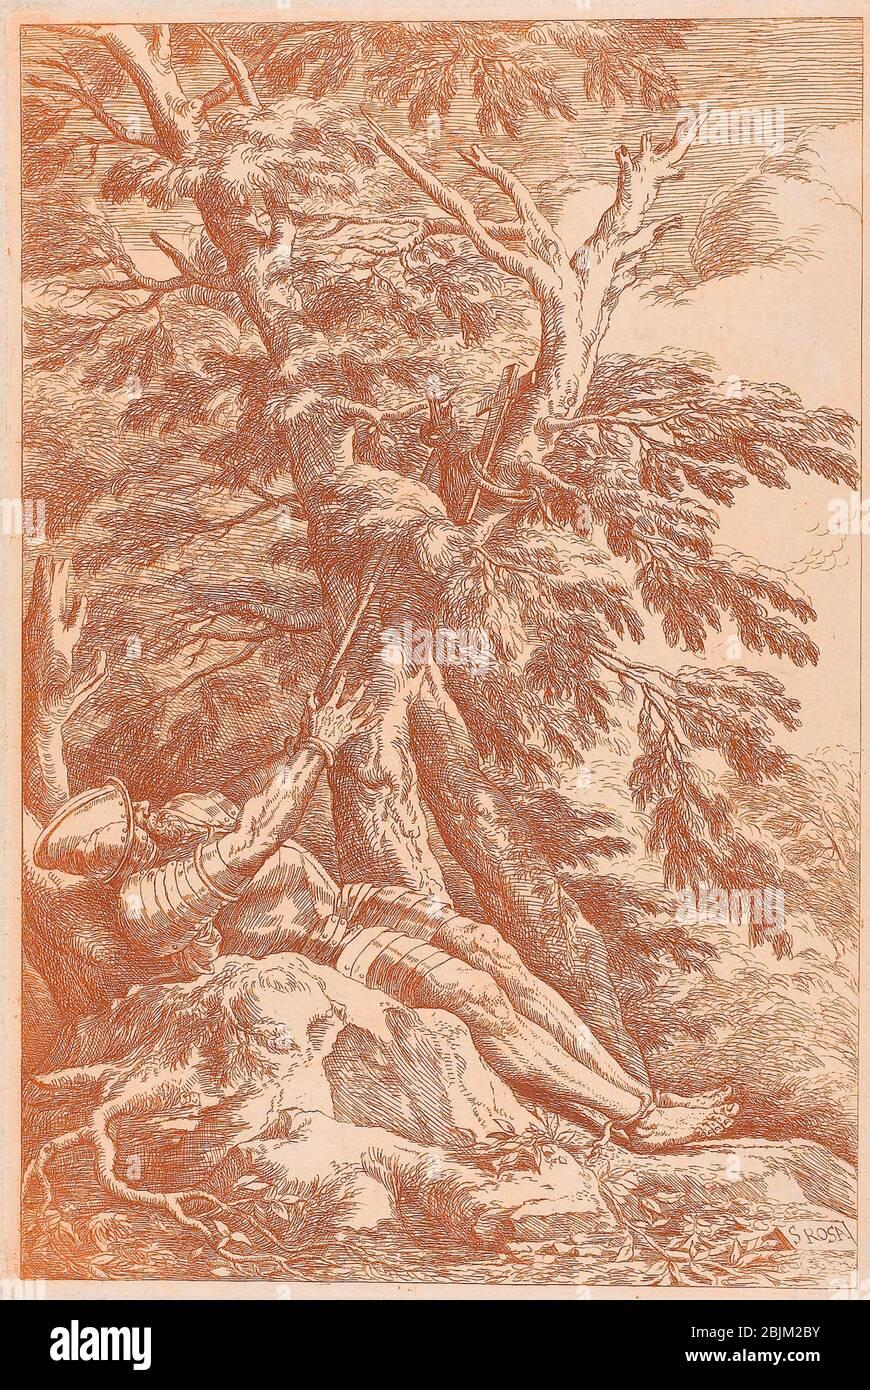 Author: Salvator Rosa. Saint William of Maleval - c. 1780 - After Salvator Rosa Italian, 1615-1673 Carlo Antonini c.1740 - c.1784. Etching in Stock Photo